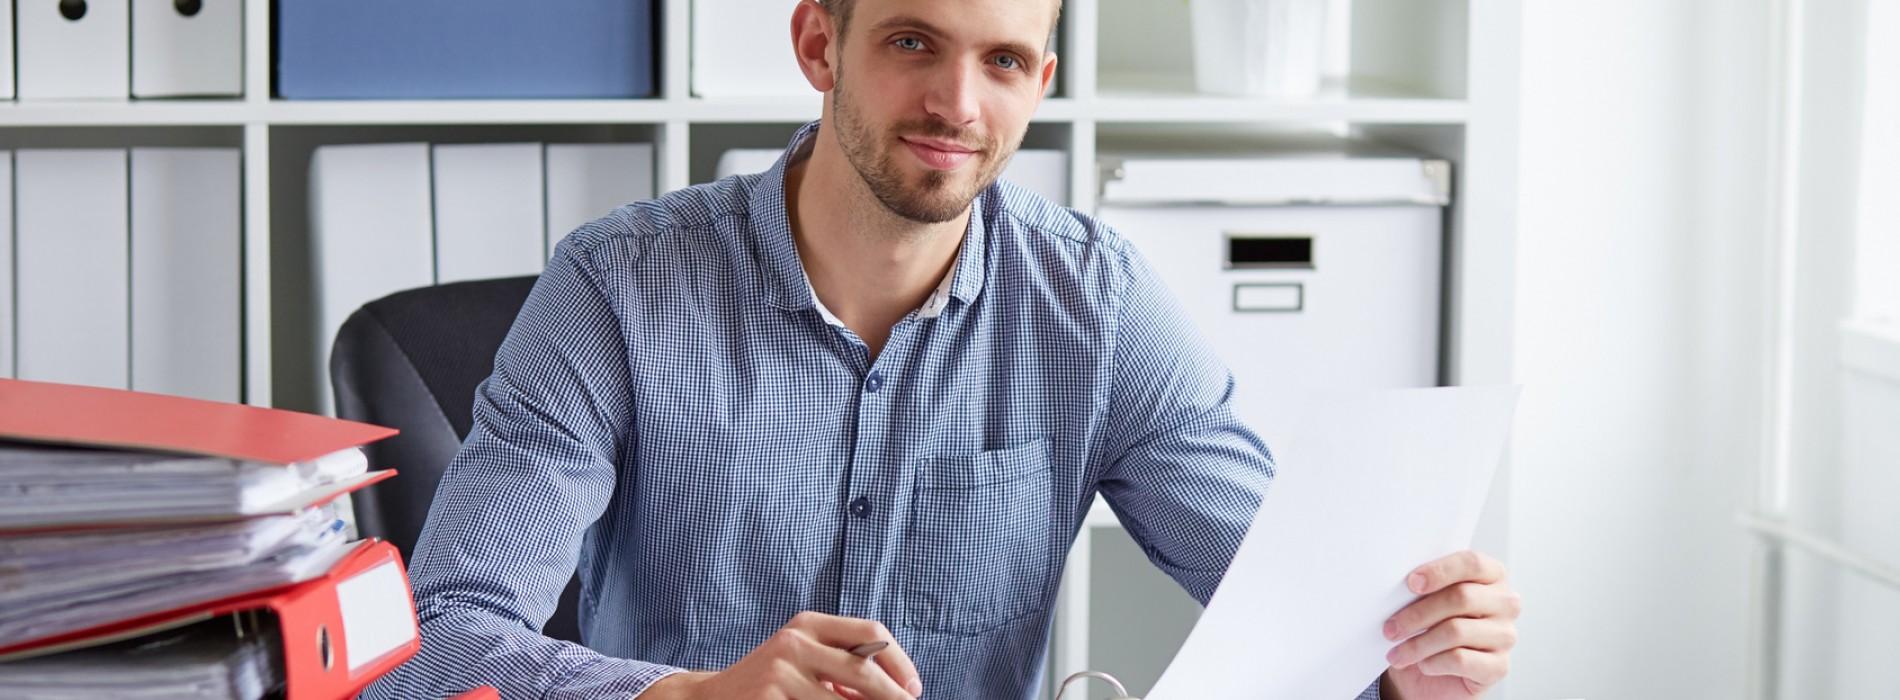 Profesjonalne wsparcie dla firm – 4 cechy dobrego biura rachunkowego